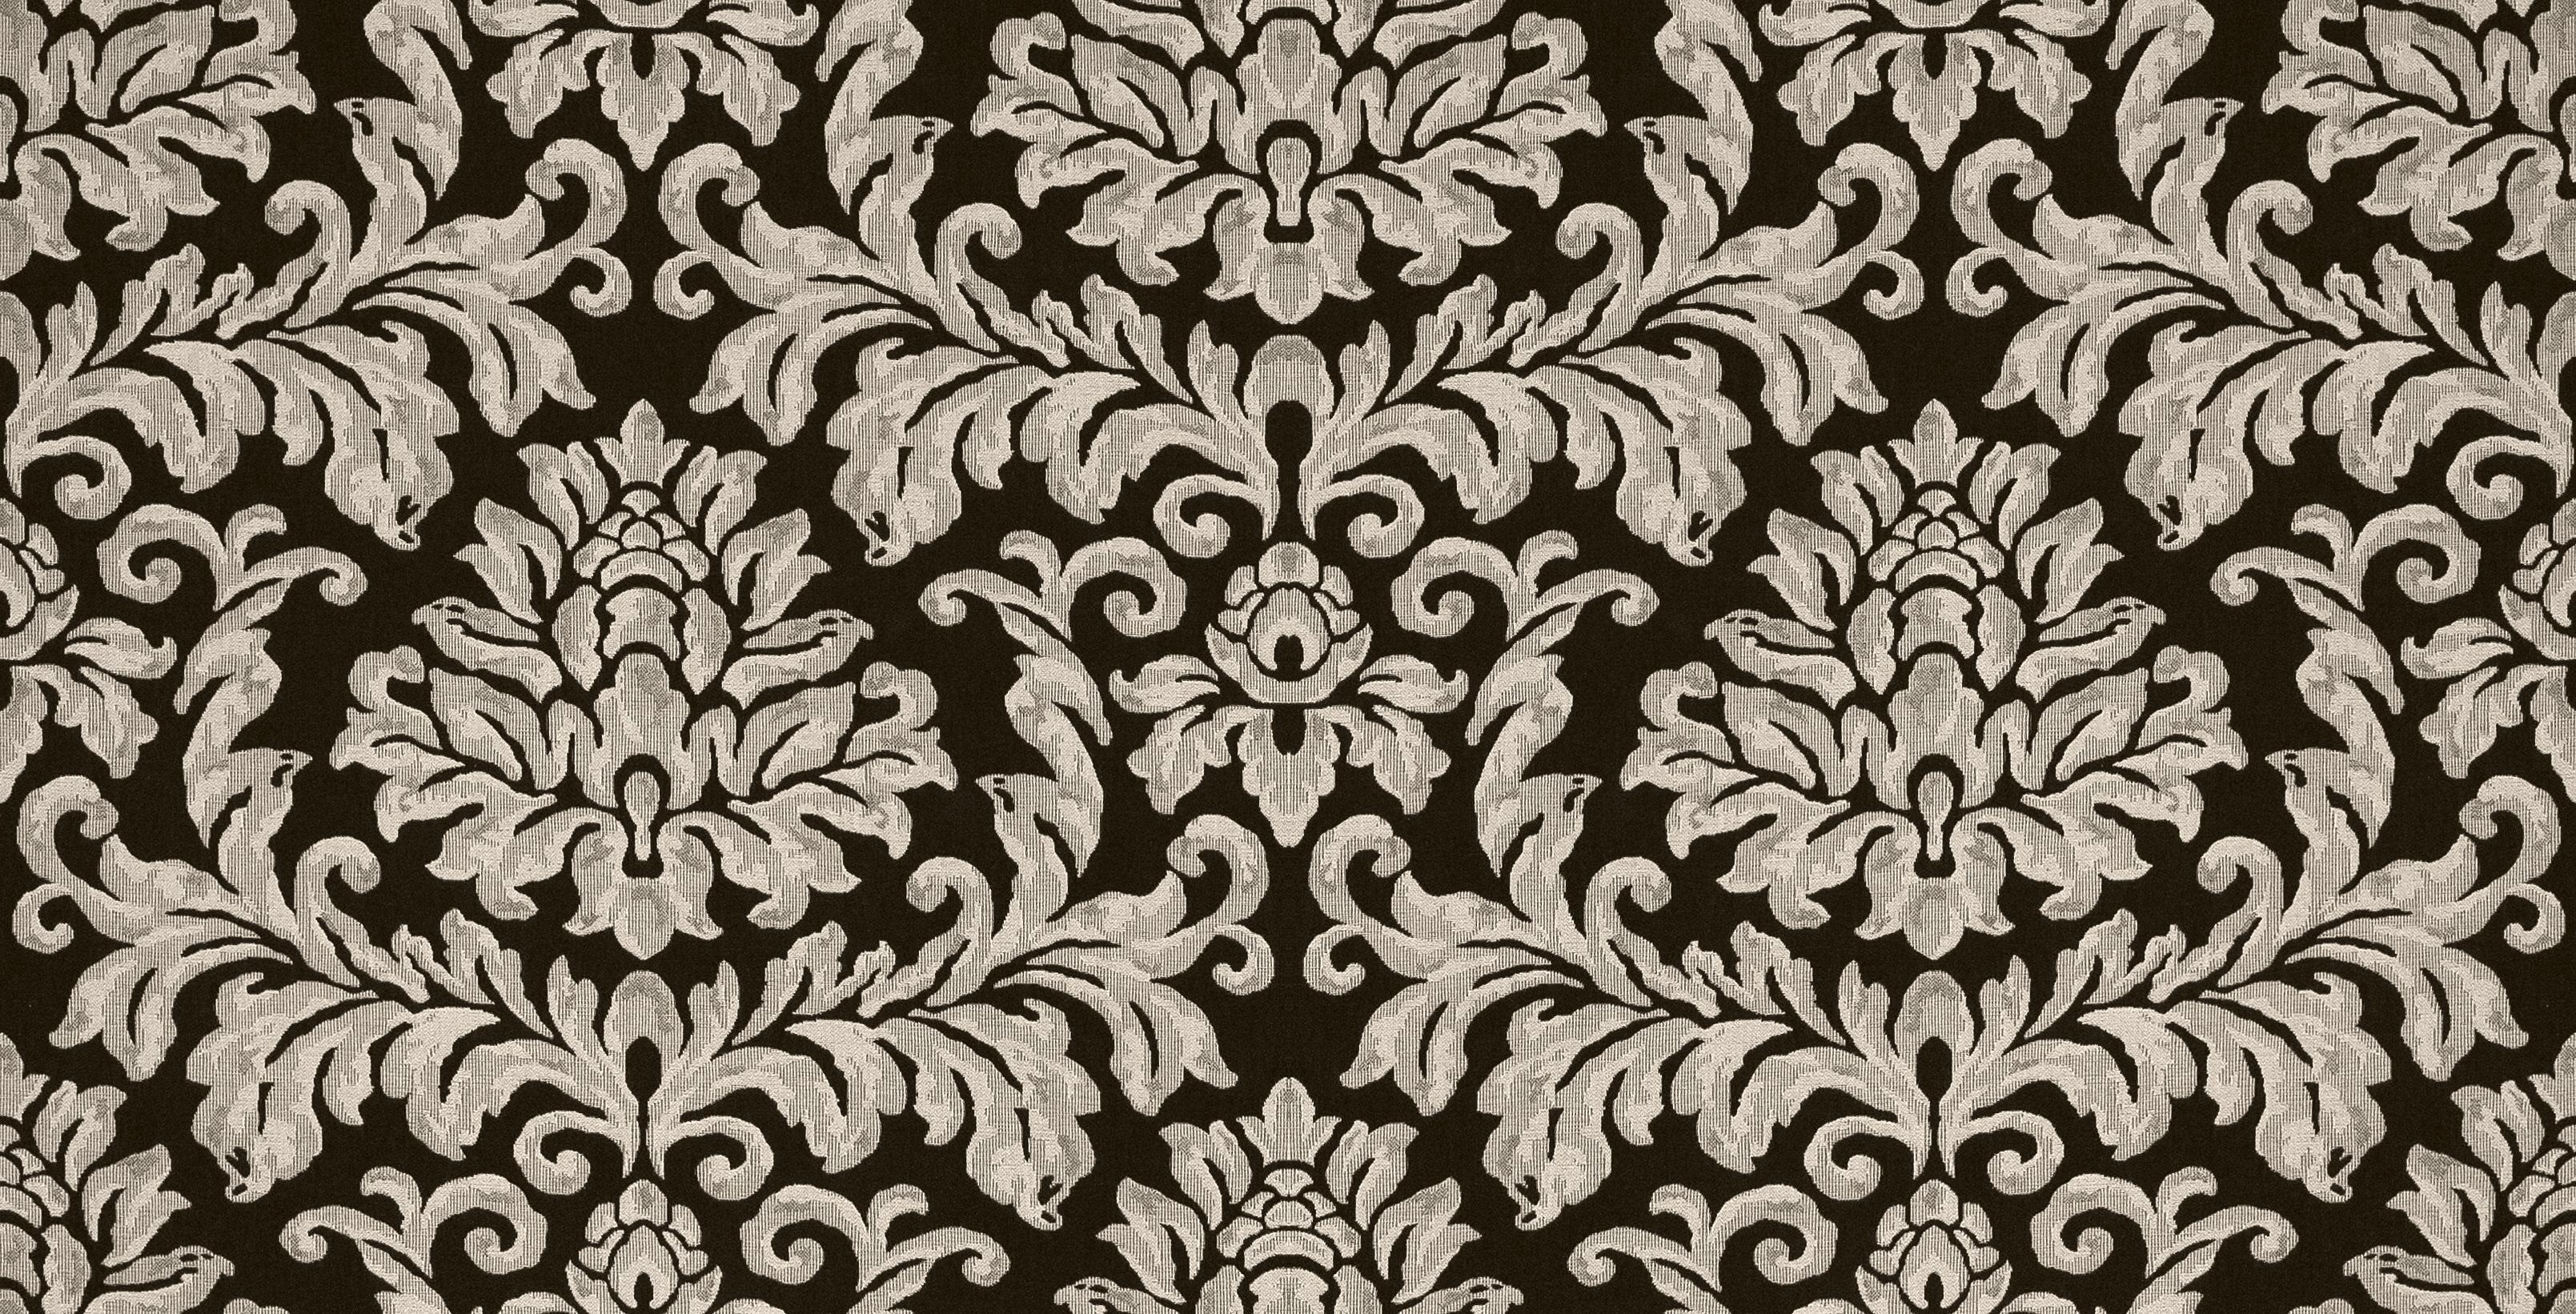 simple damask wallpaper patterns - 1280×653